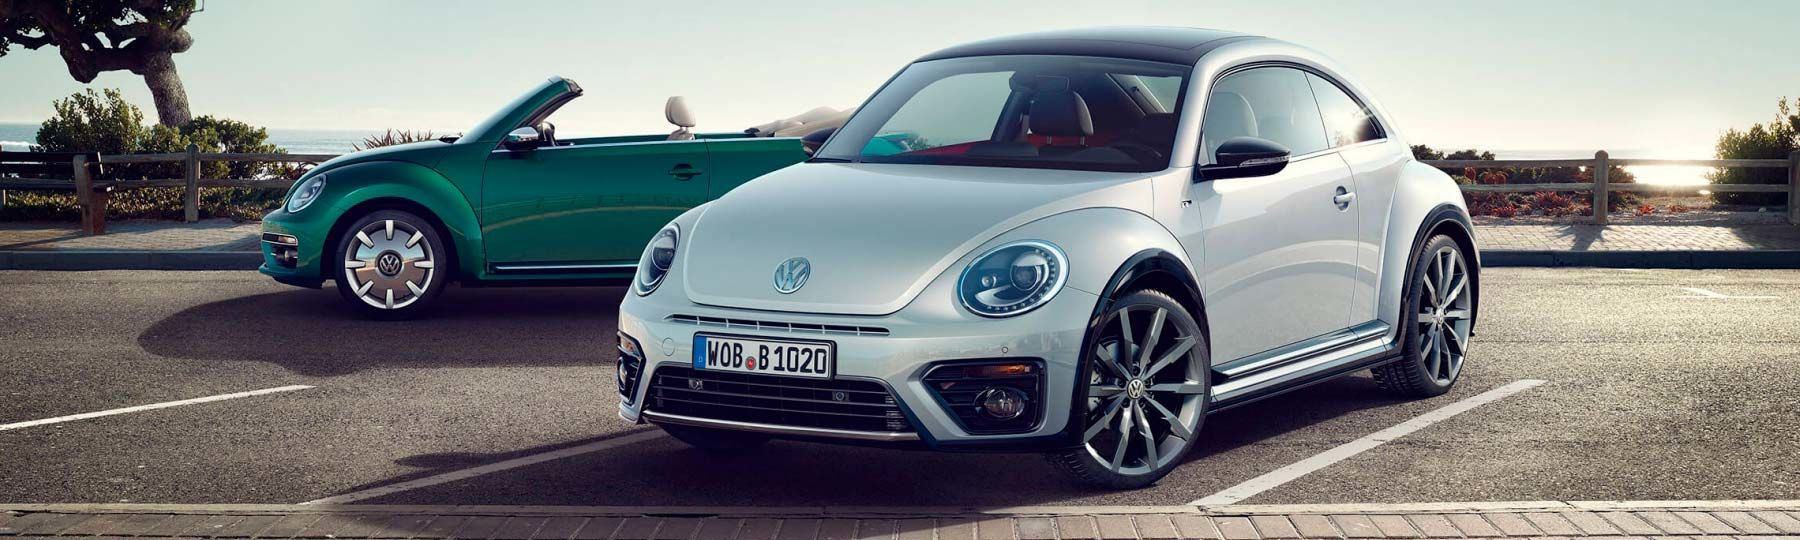 Autolusa, Concesionario Oficial Volkswagen en Lugo